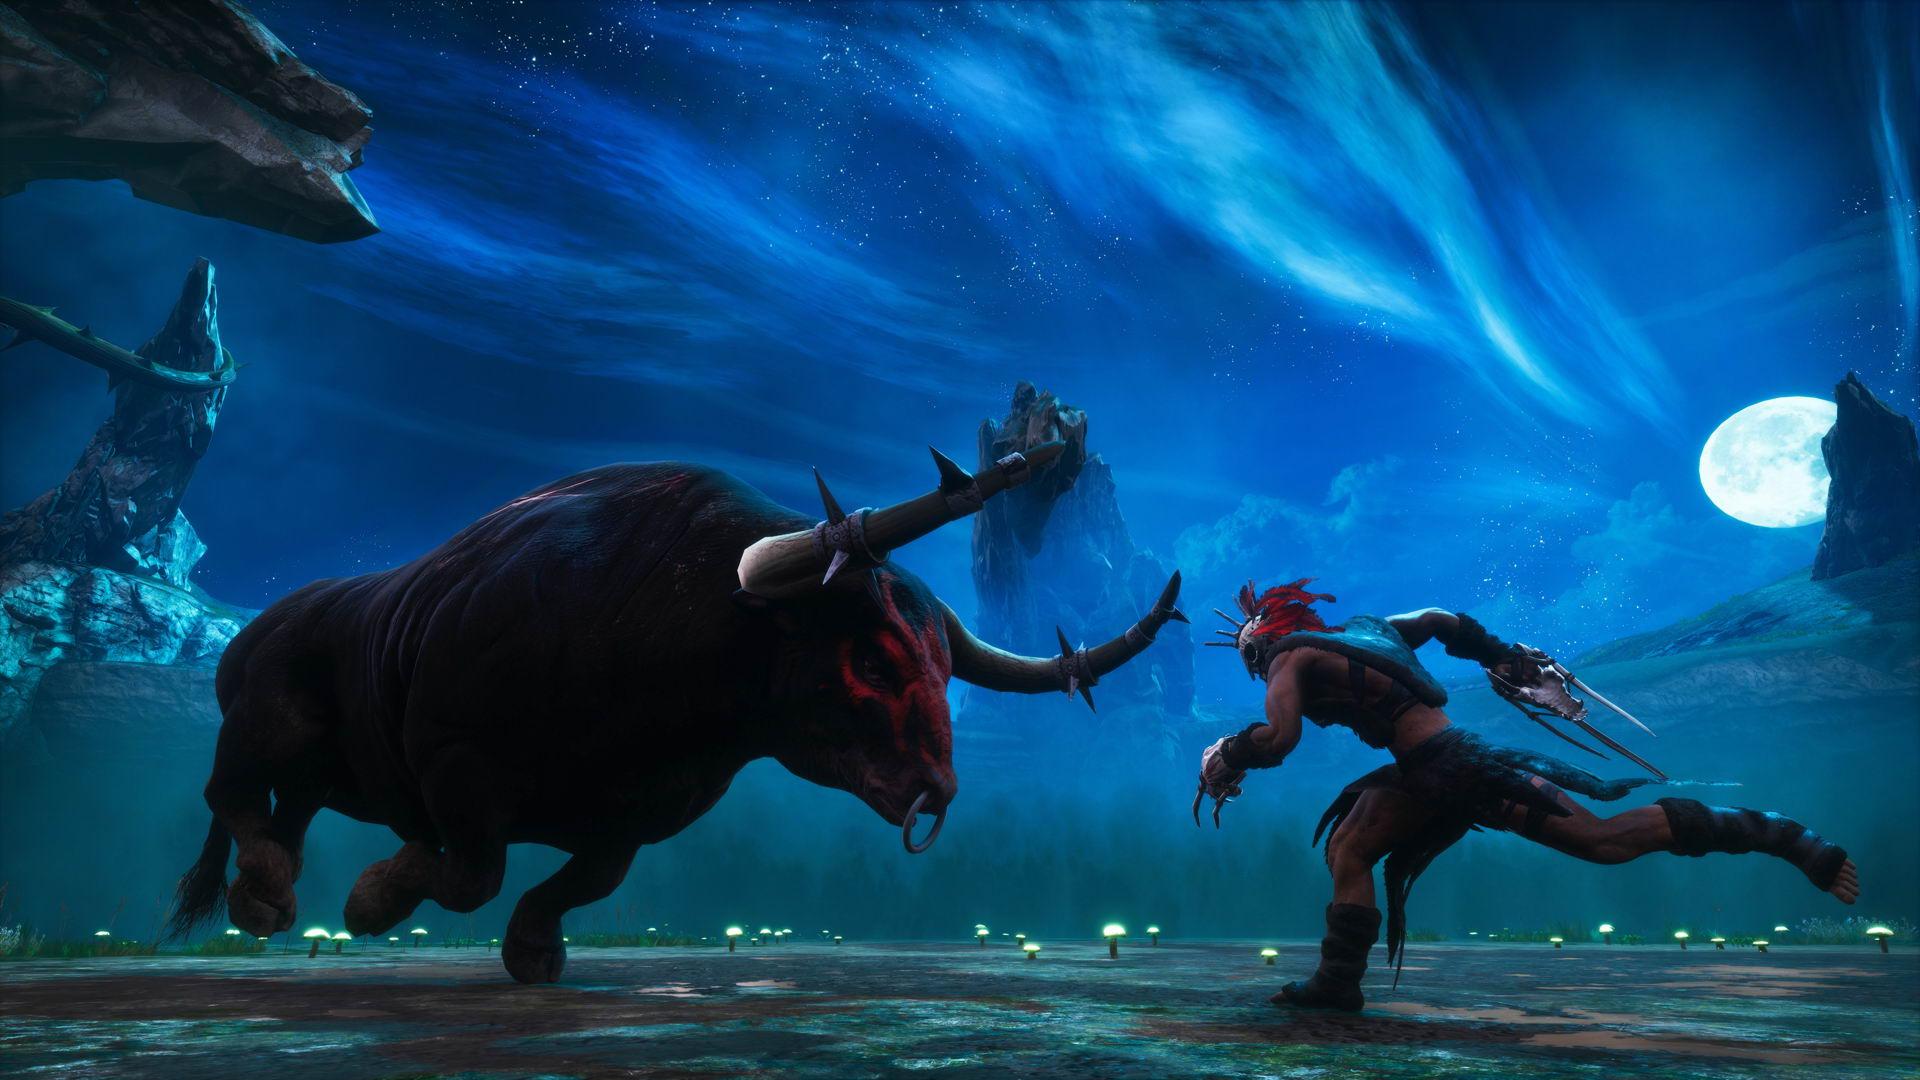 《流放者柯南》迎来巨大更新 玩家可以驯养动物当宠物